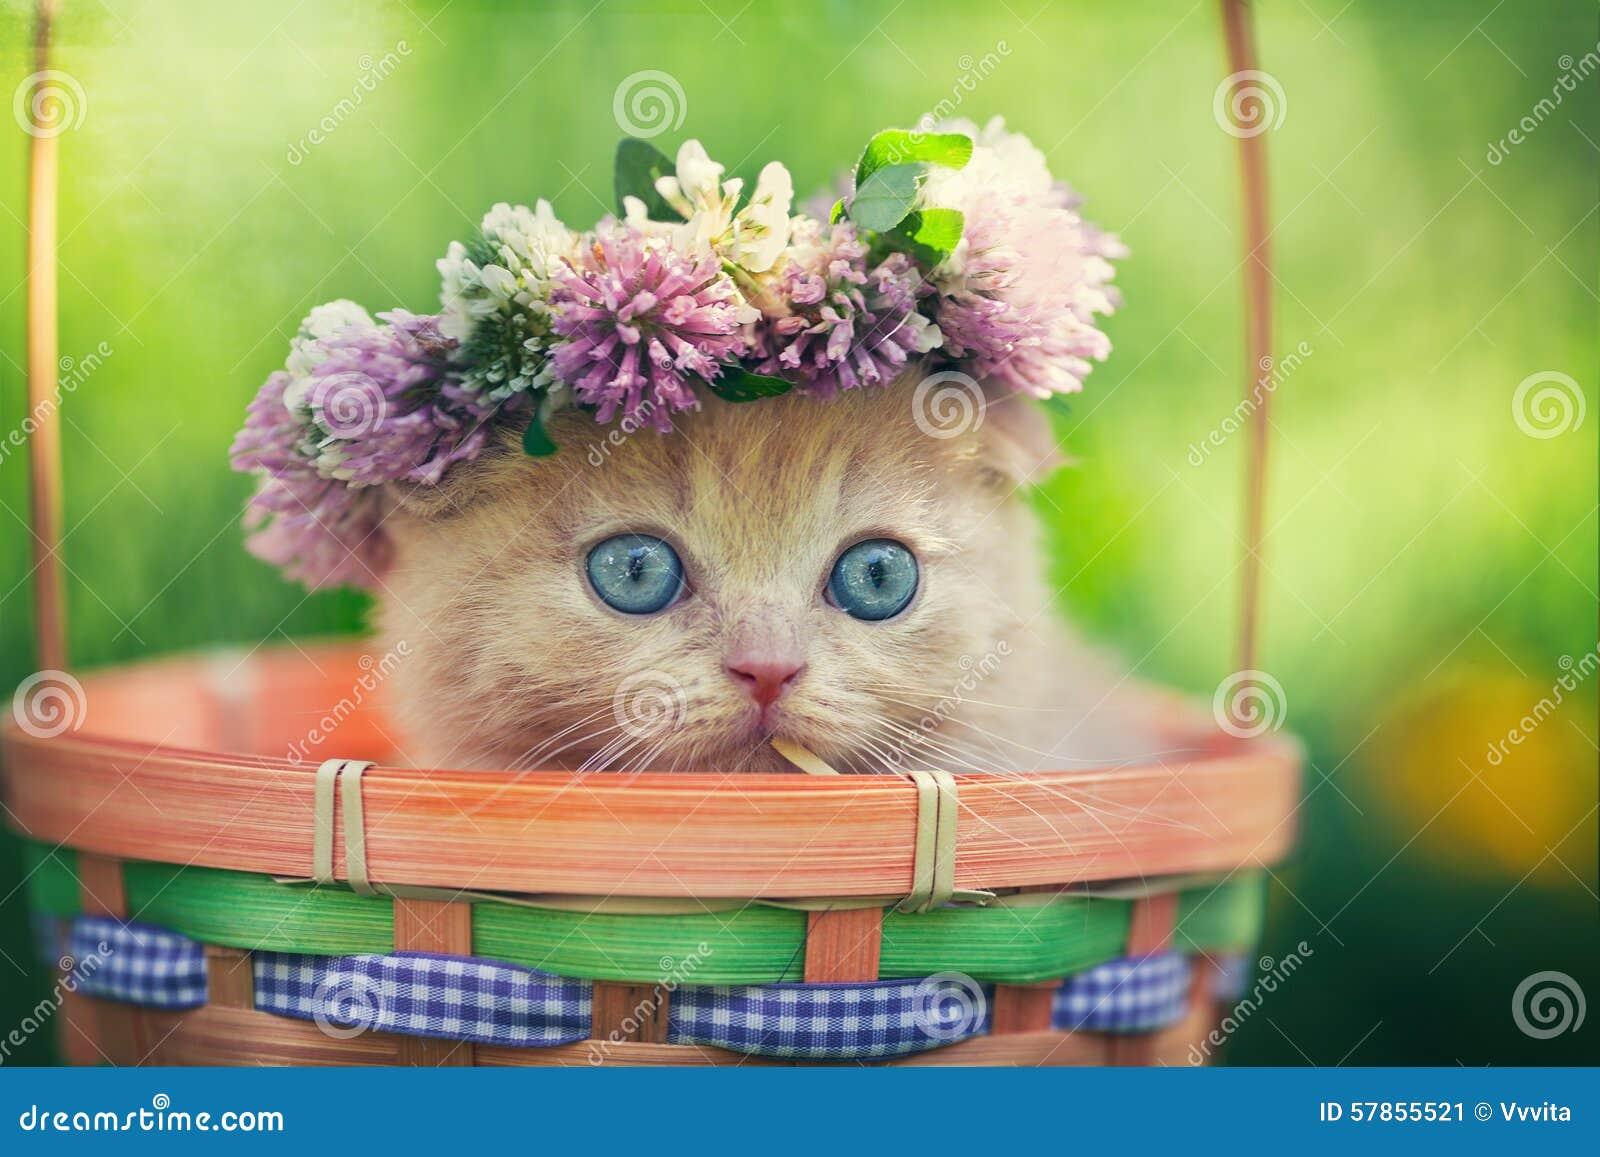 Kitten wearing chaplet